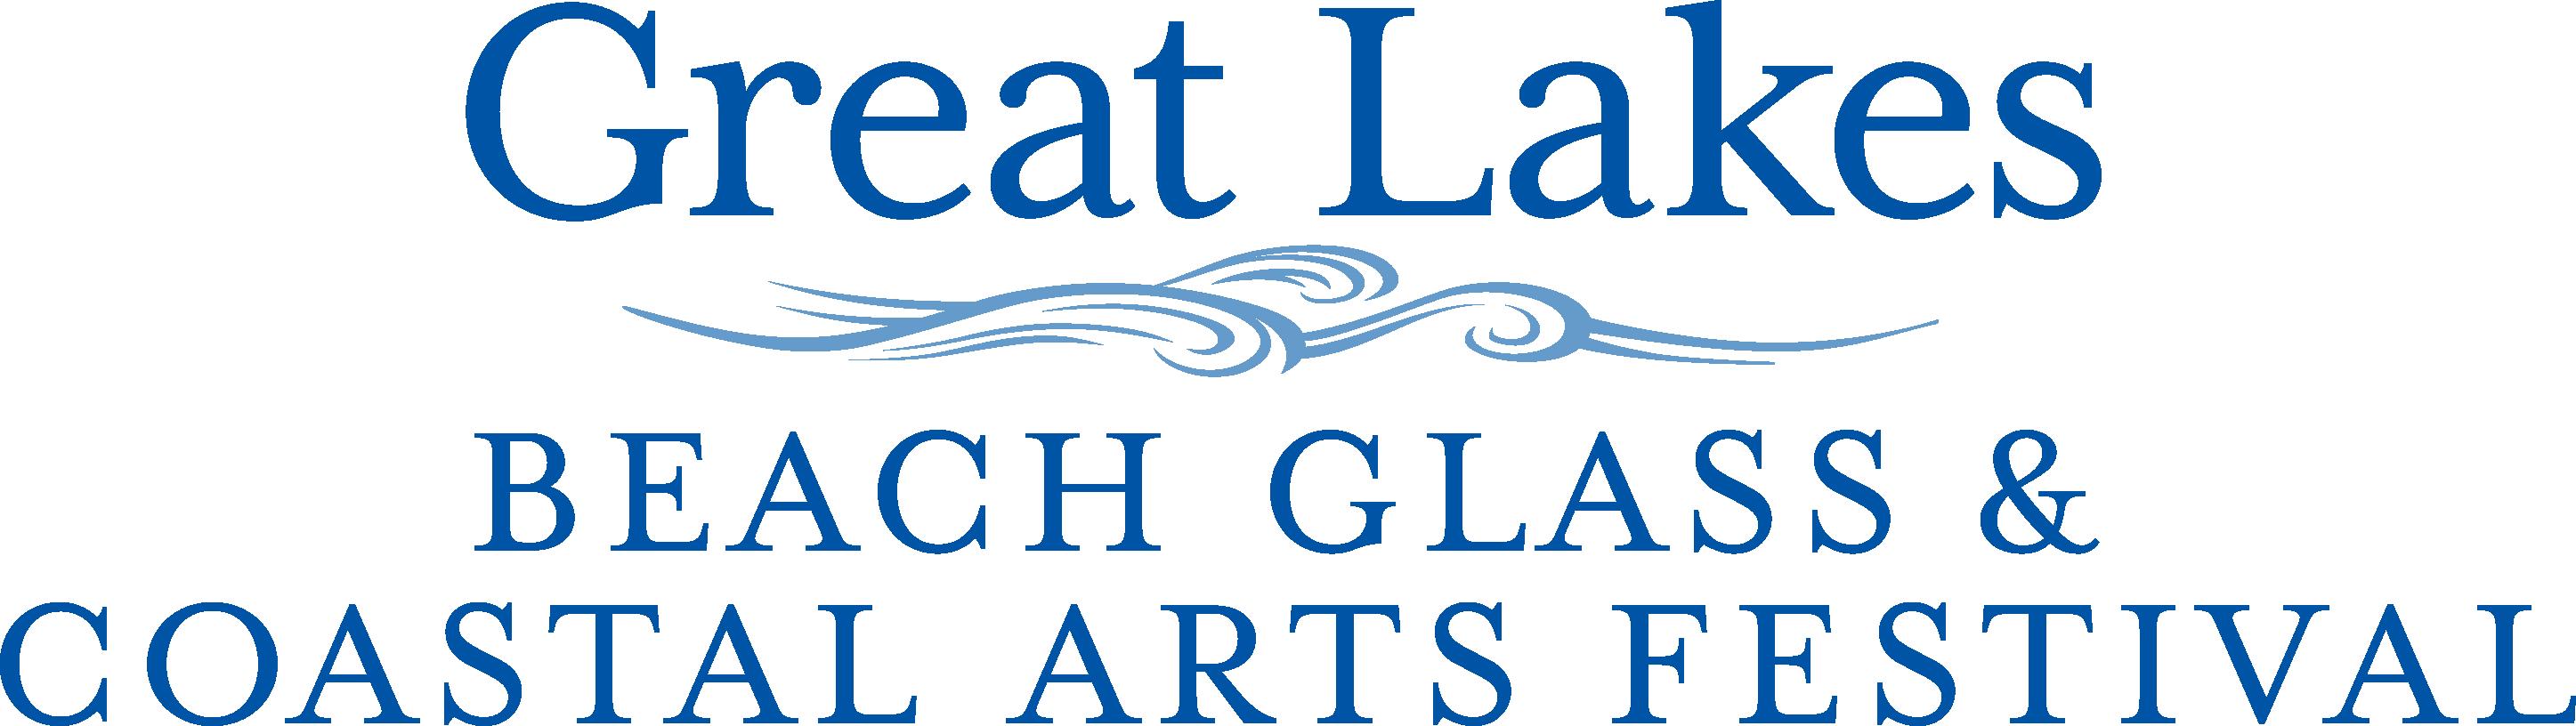 glbgcaf-logo.png